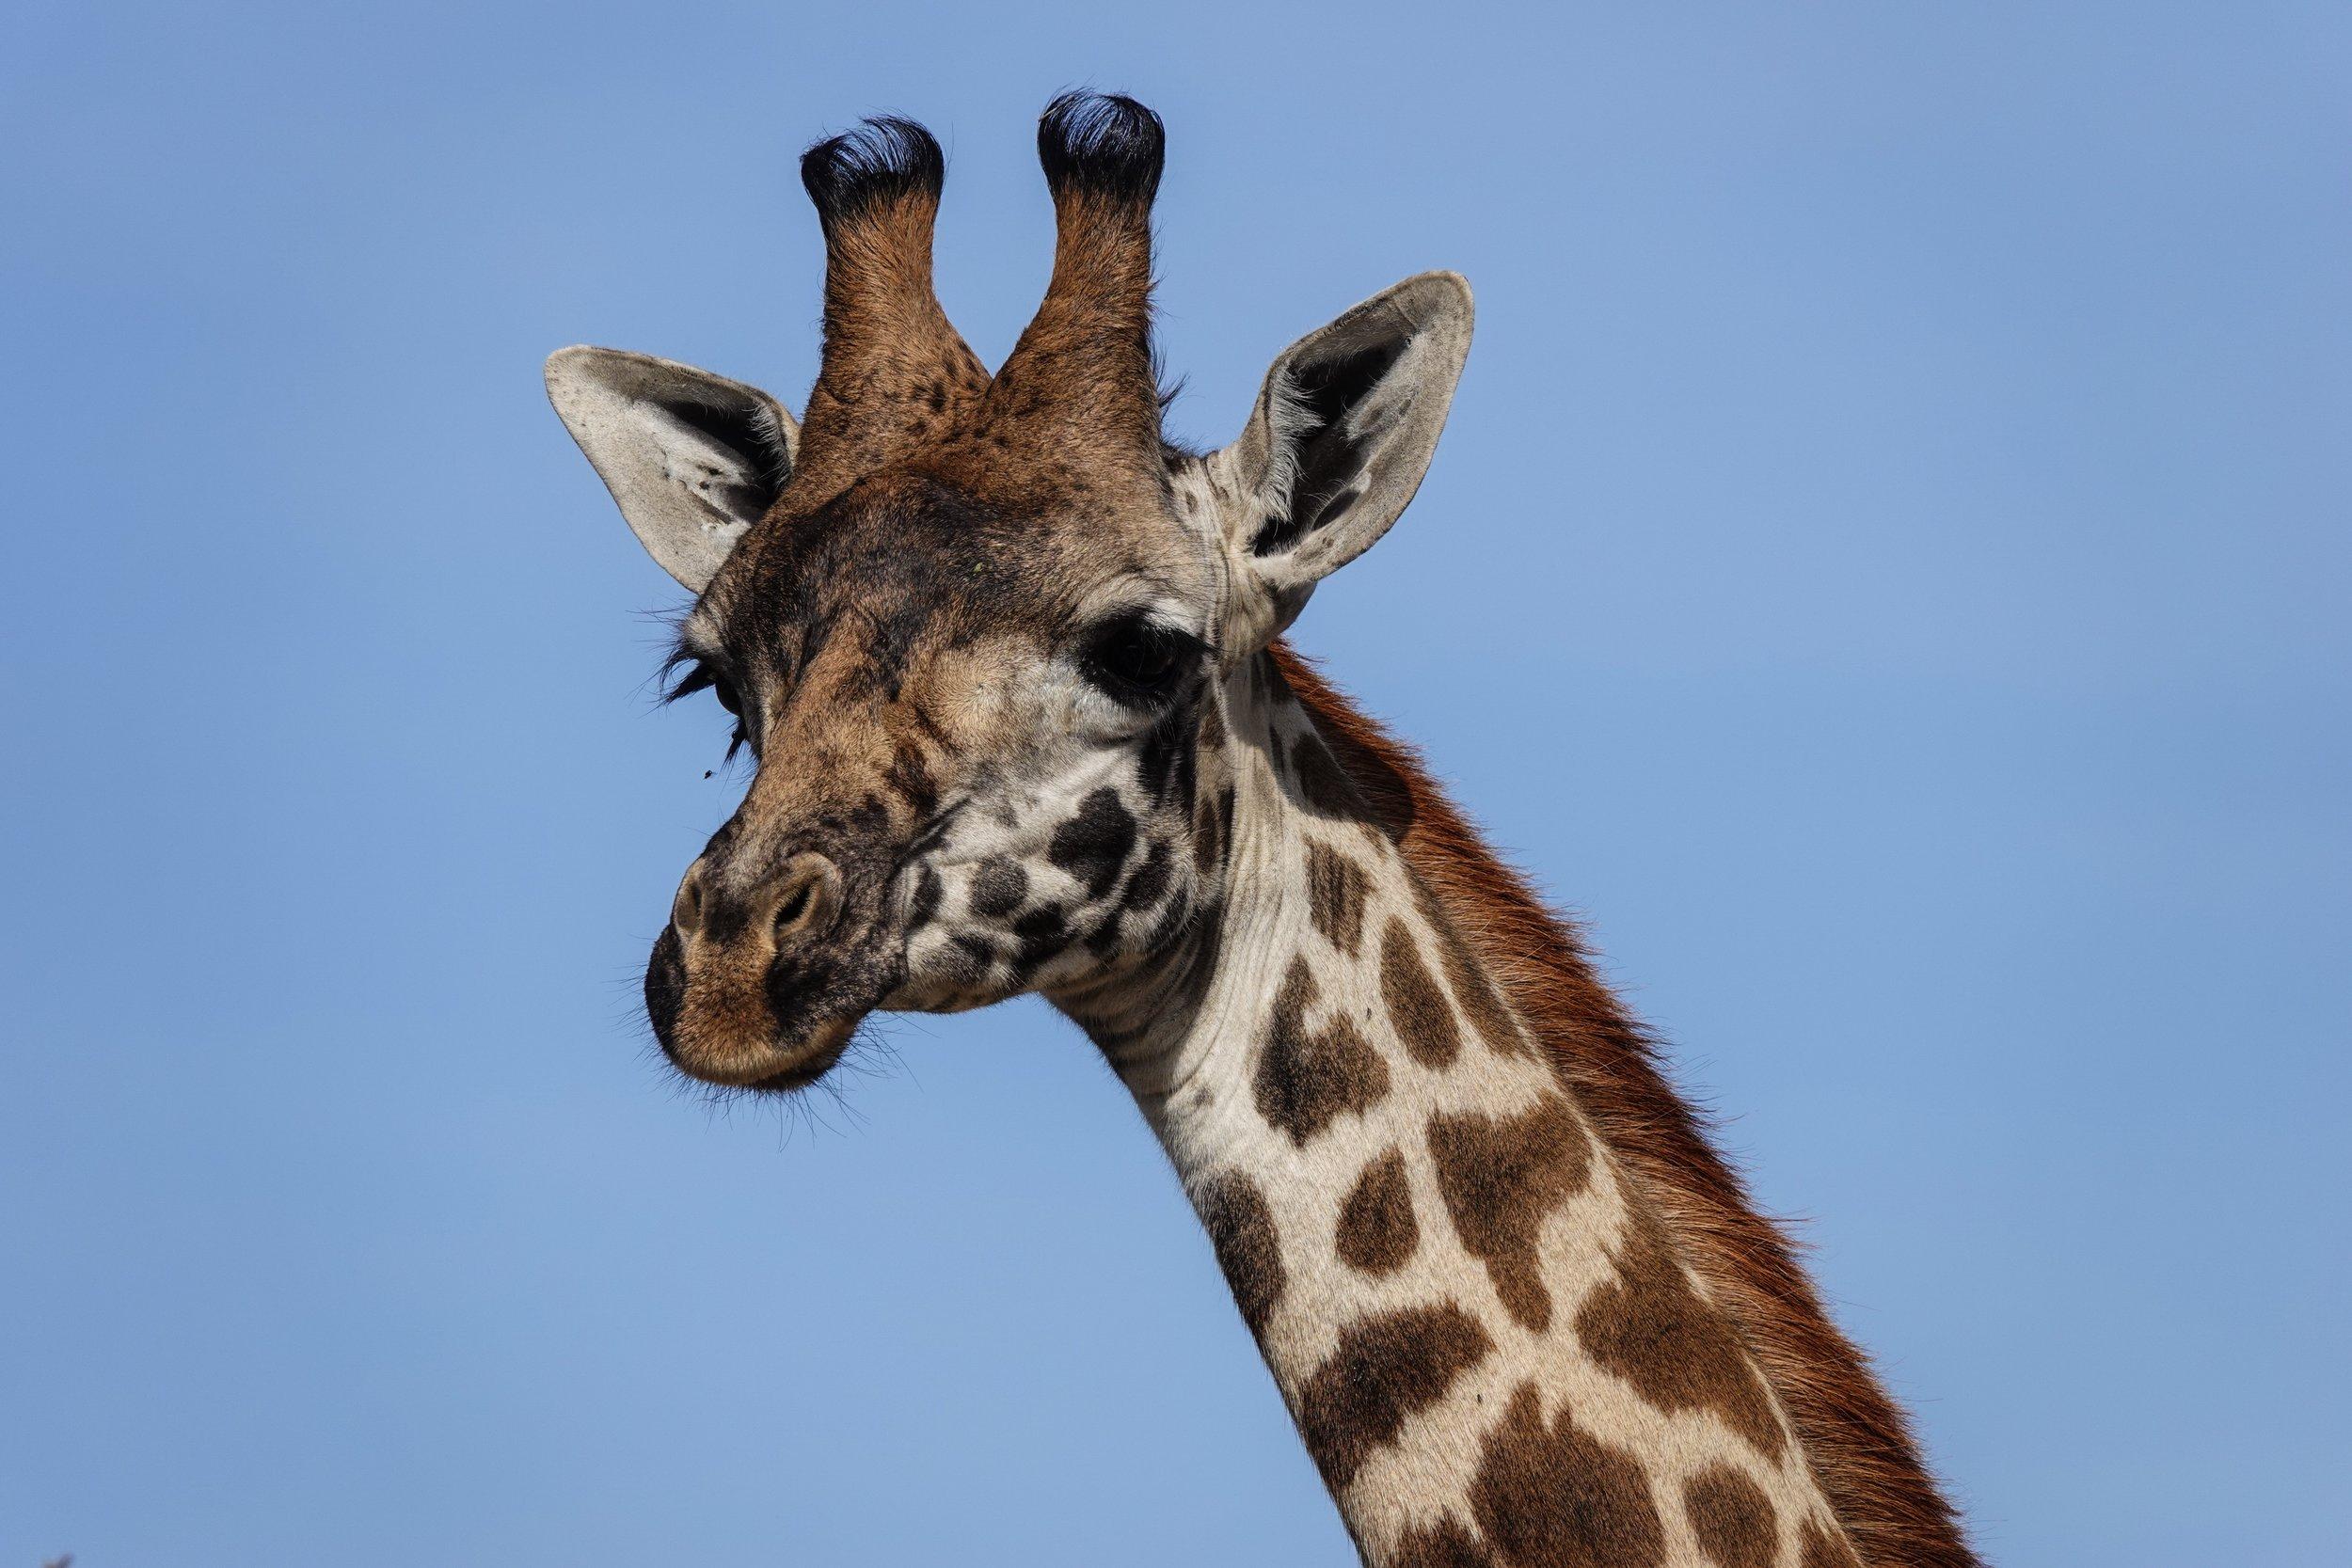 Giraffe Spotting on Safari in Kenya Ph. Ashley Torres